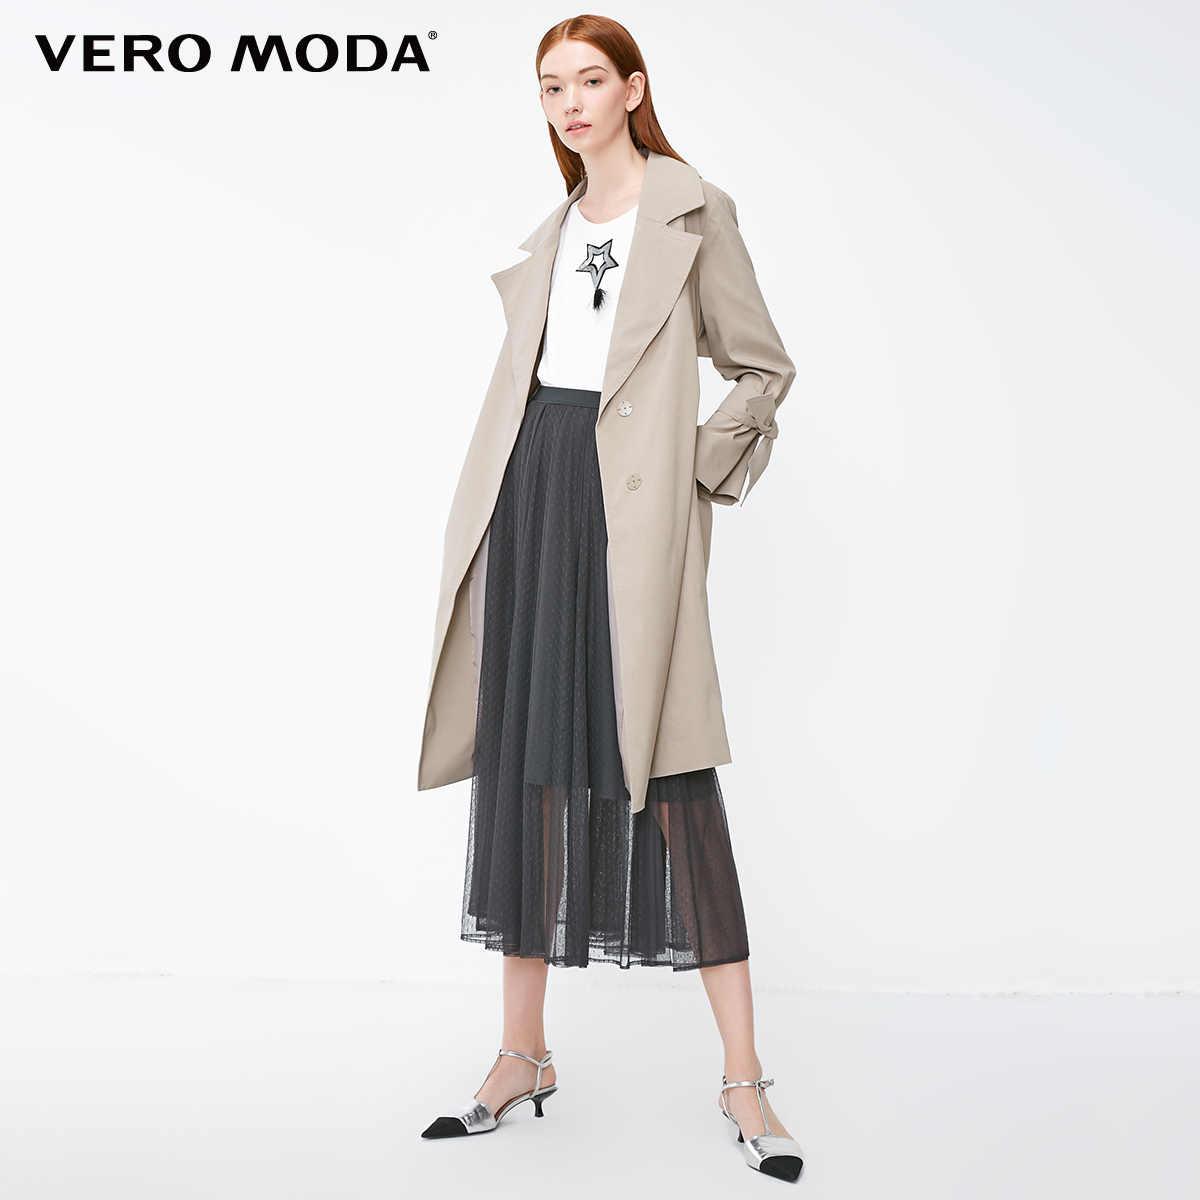 Vero Moda OL Stil Verborgen Tasten Spitze-up Revers Minimalistischen Graben Mantel | 318321519